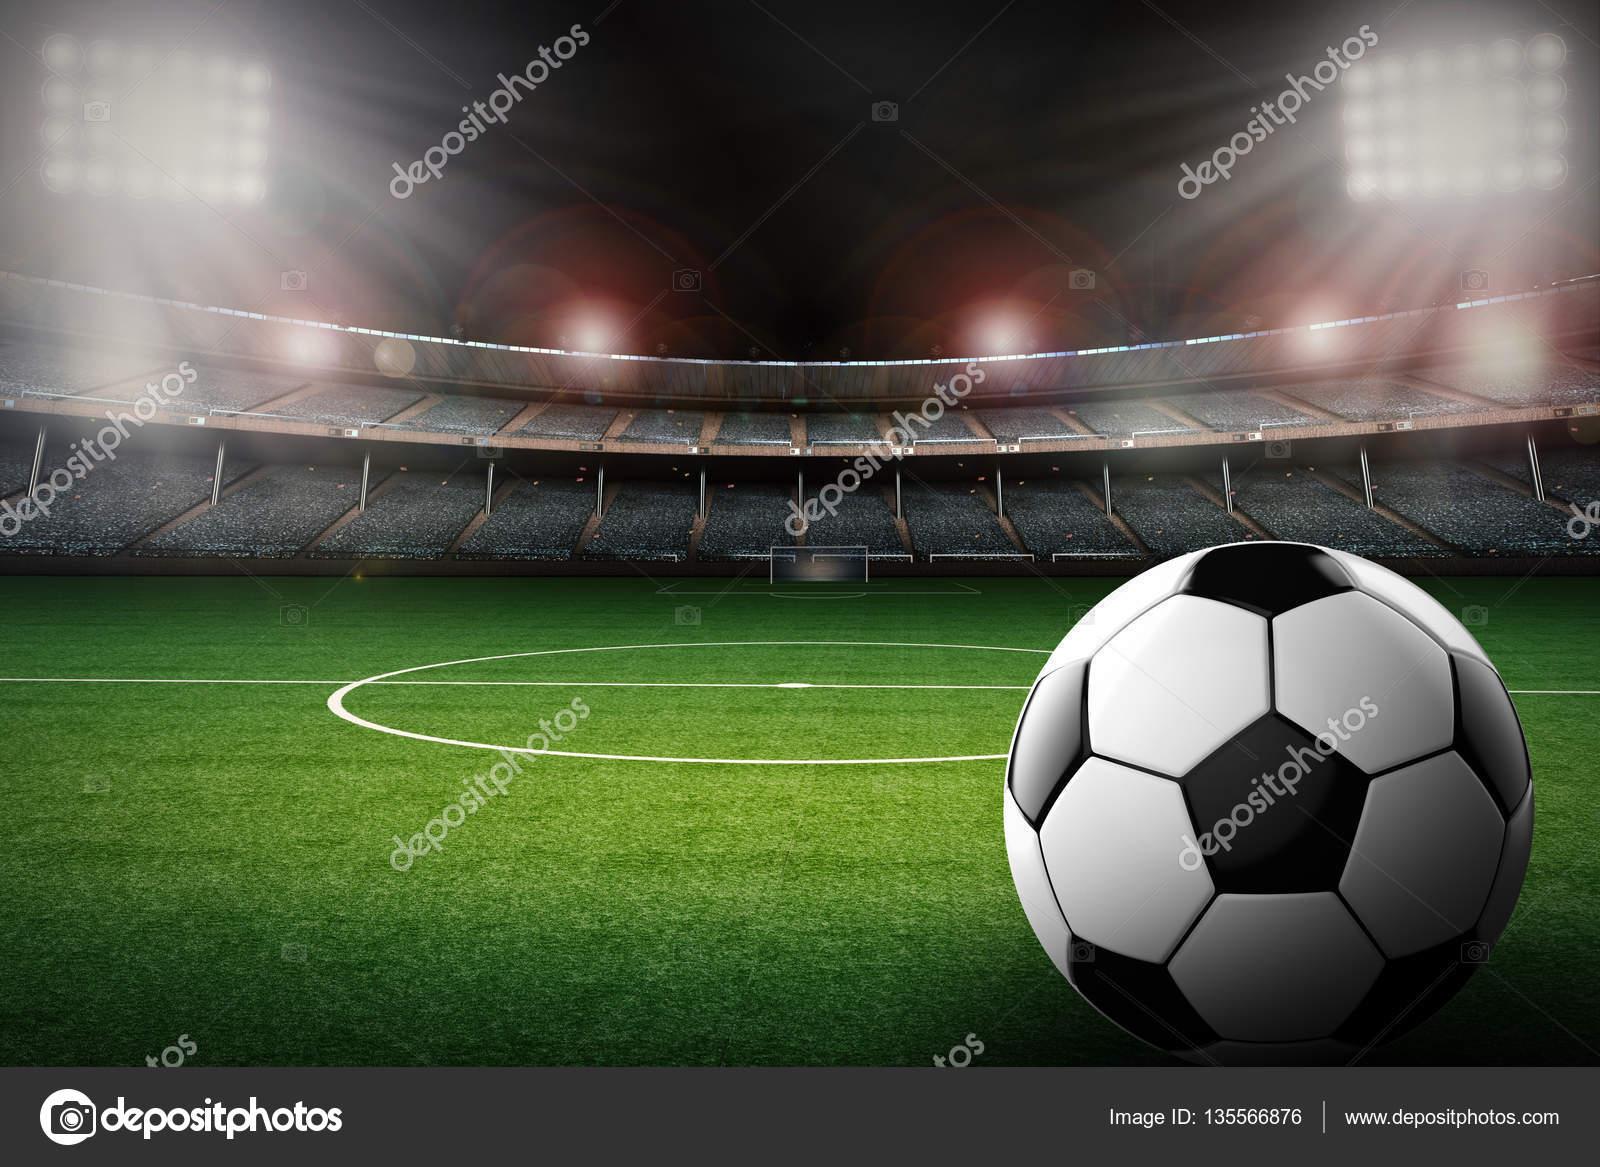 balón de fútbol con fondo del estadio de fútbol — Fotos de Stock ... 592890e9786e3